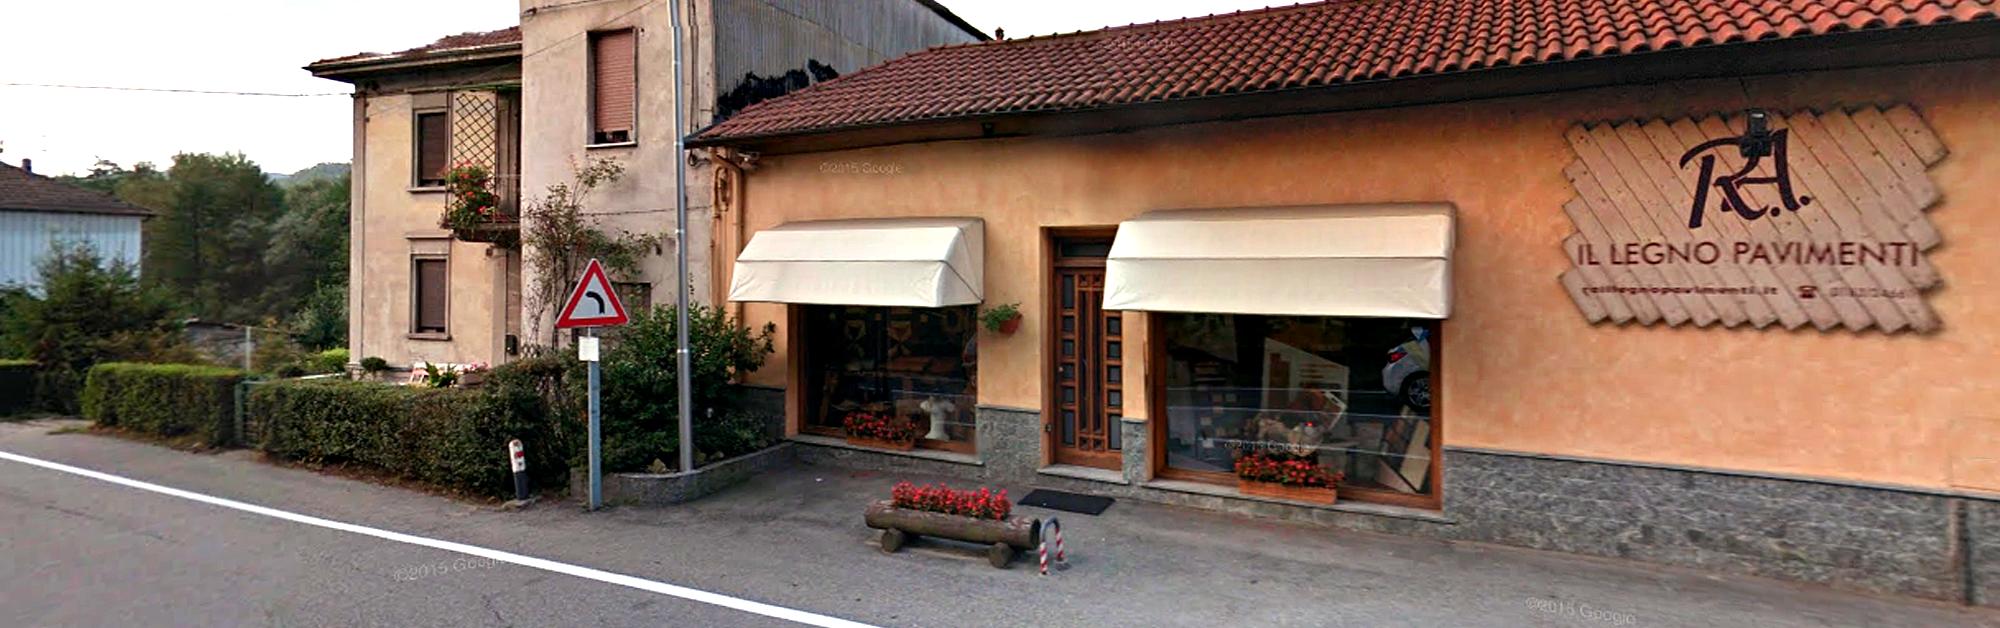 azienda-ra-pavimenti-parquet-borgosesia-vercelli